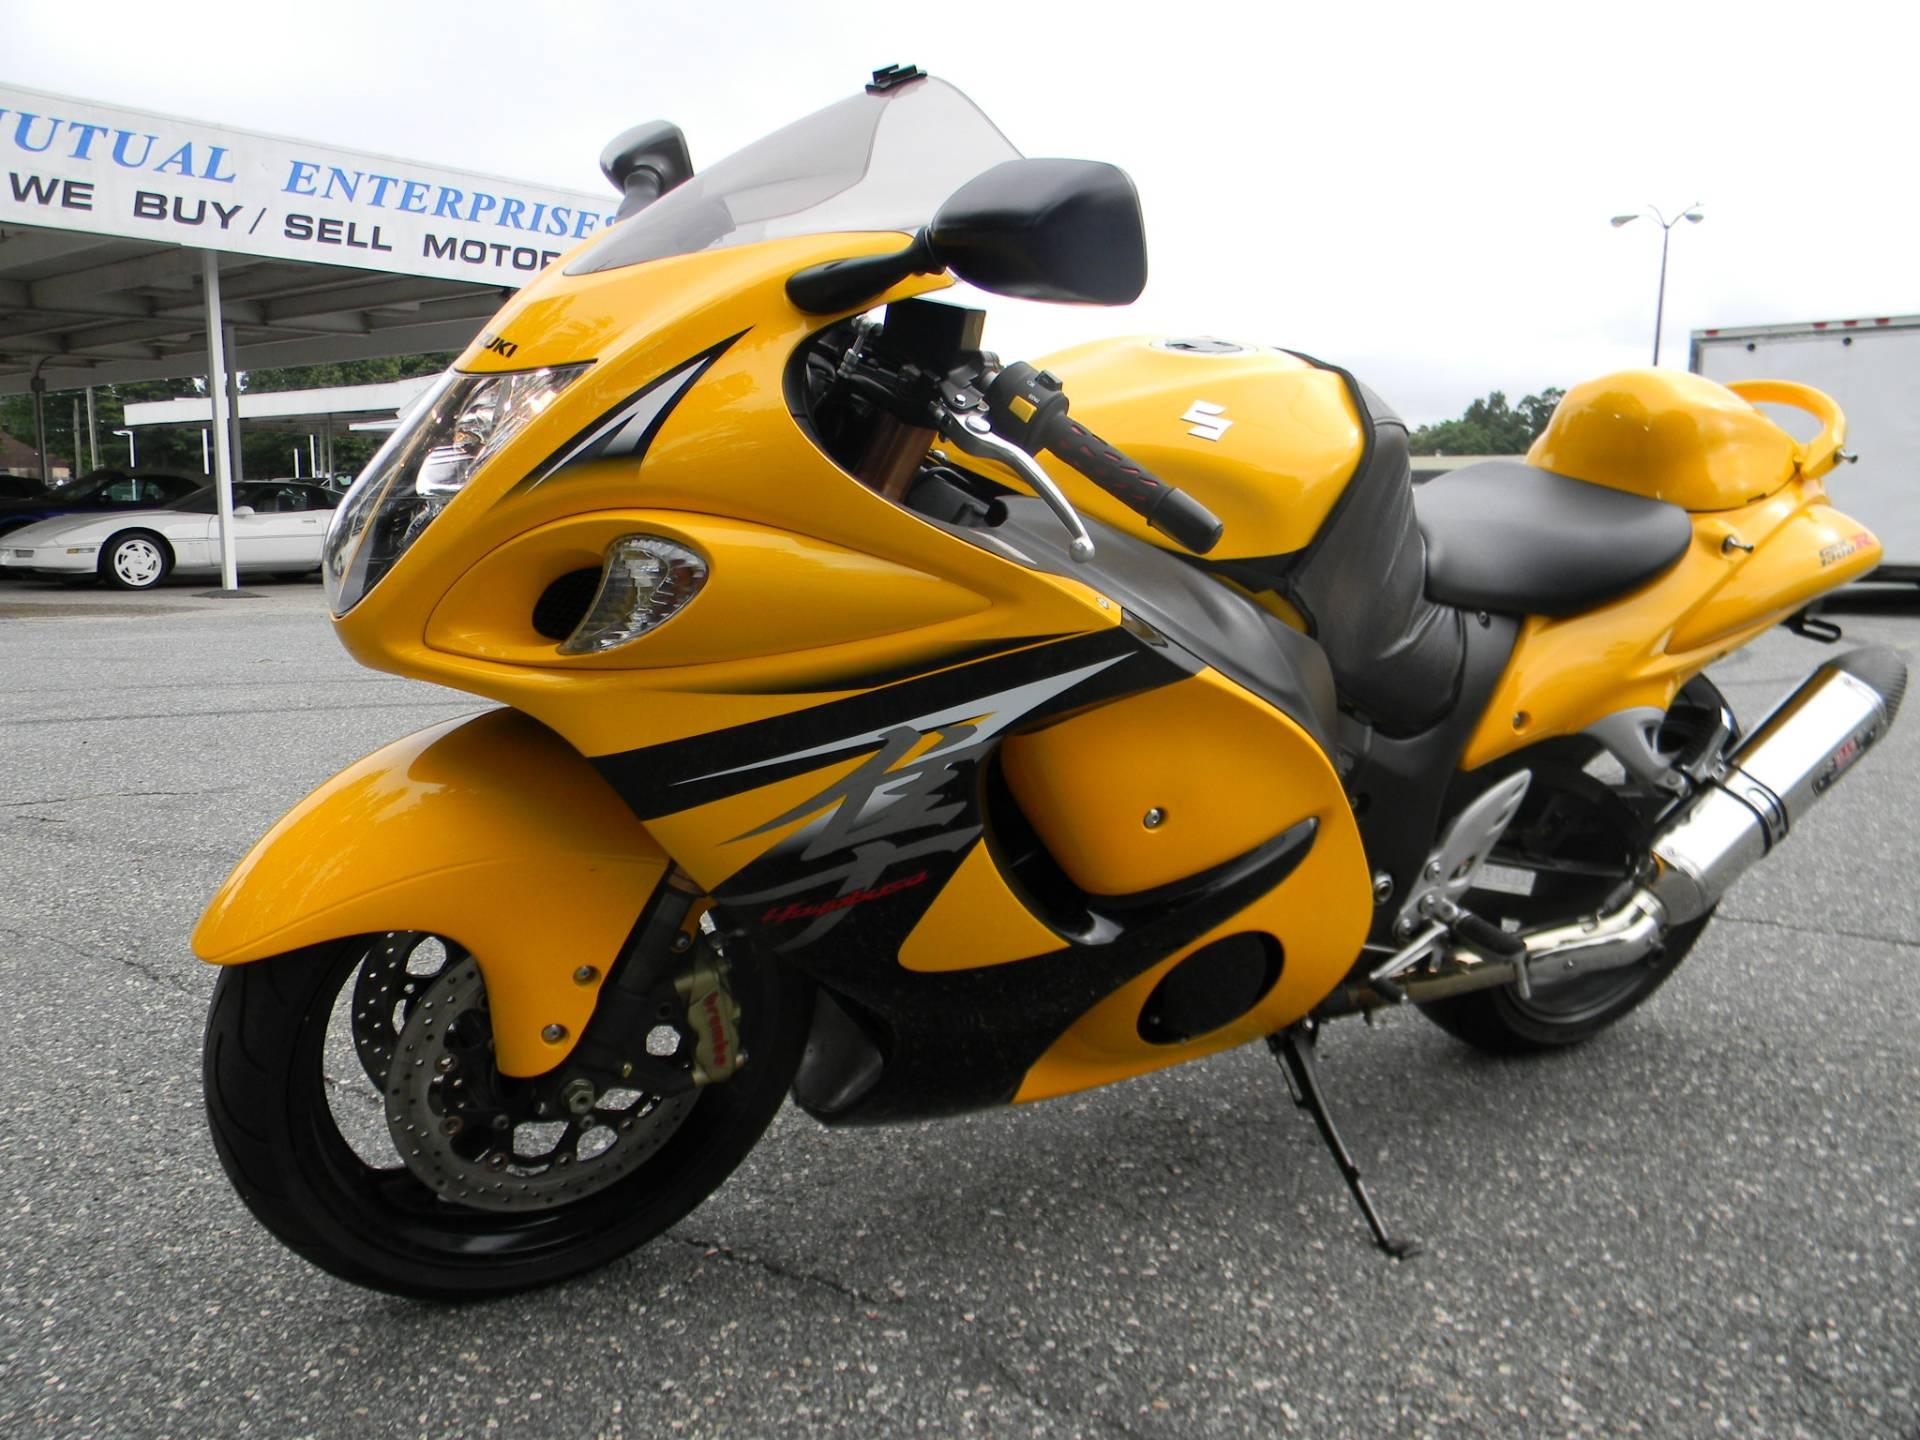 2013 Suzuki Hayabusa Limited Edition in Springfield, Massachusetts